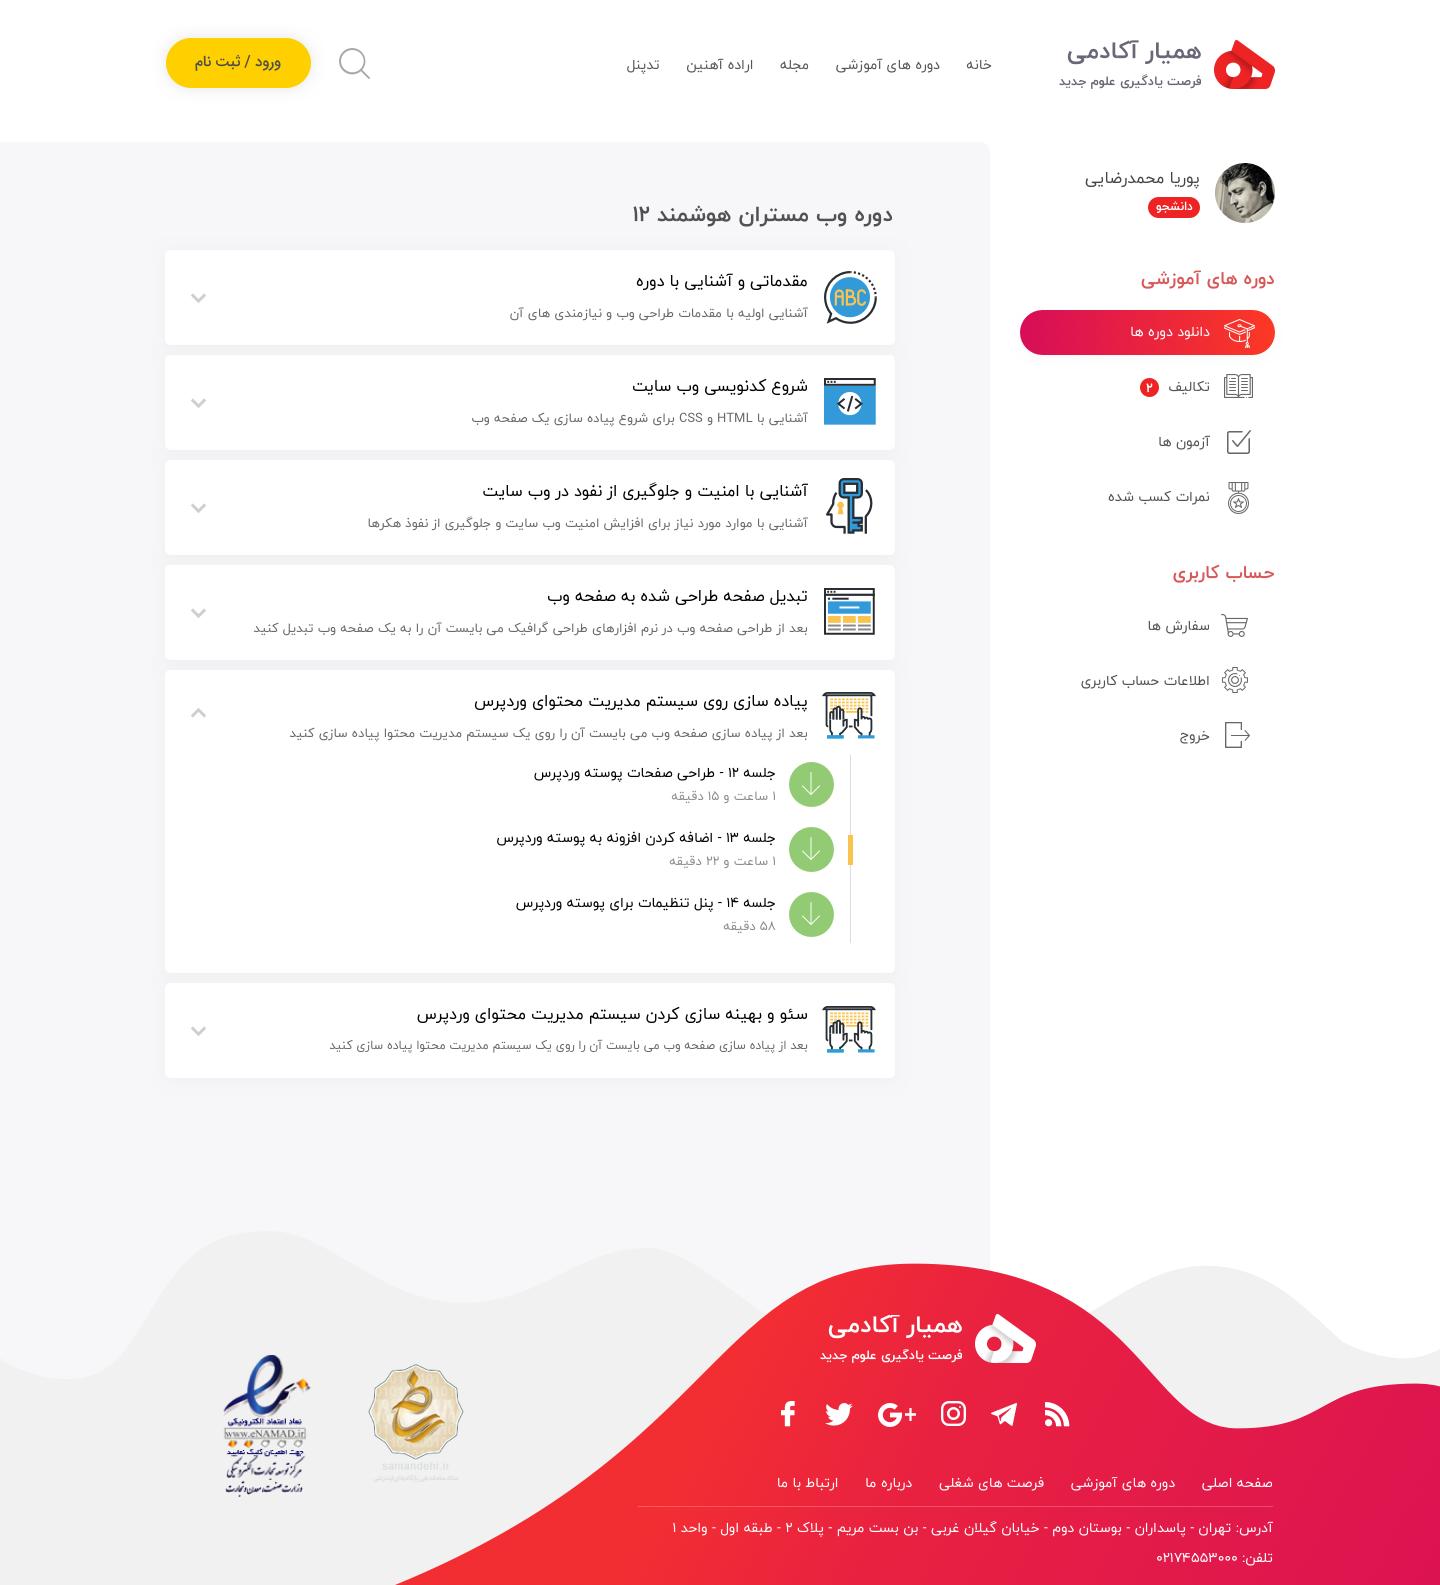 Hamyar dashboard courses